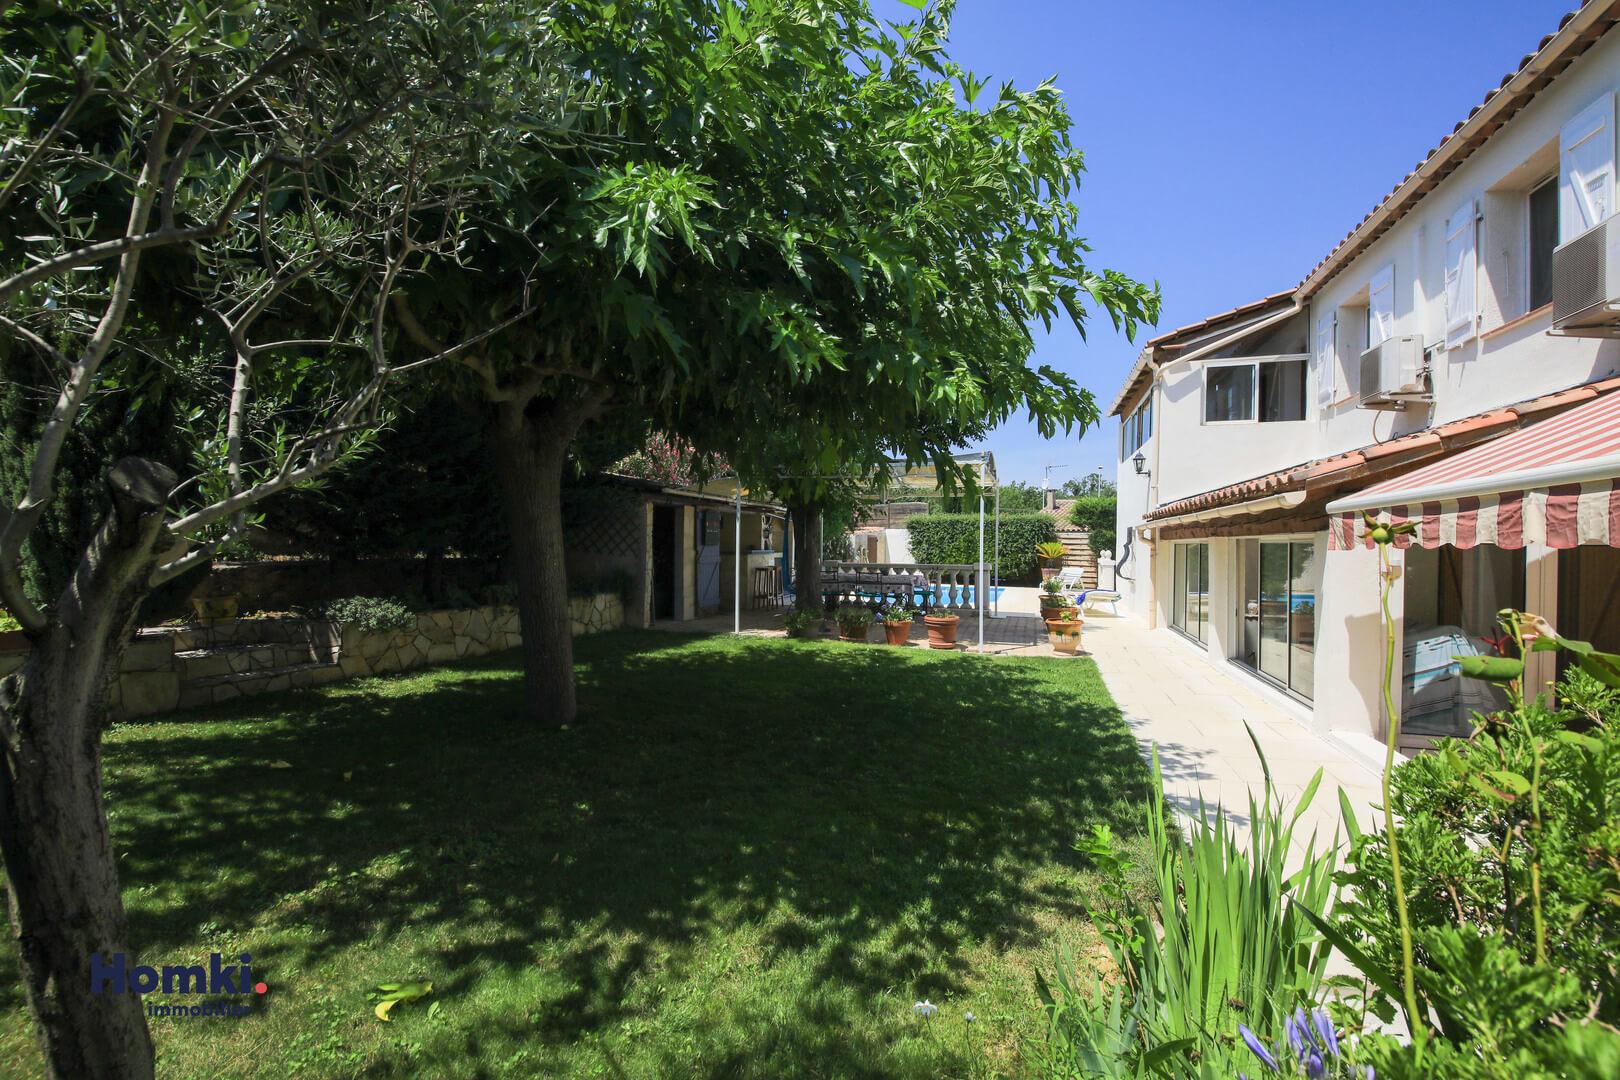 Vente maison villa Marseille Olives 13014 T6_13